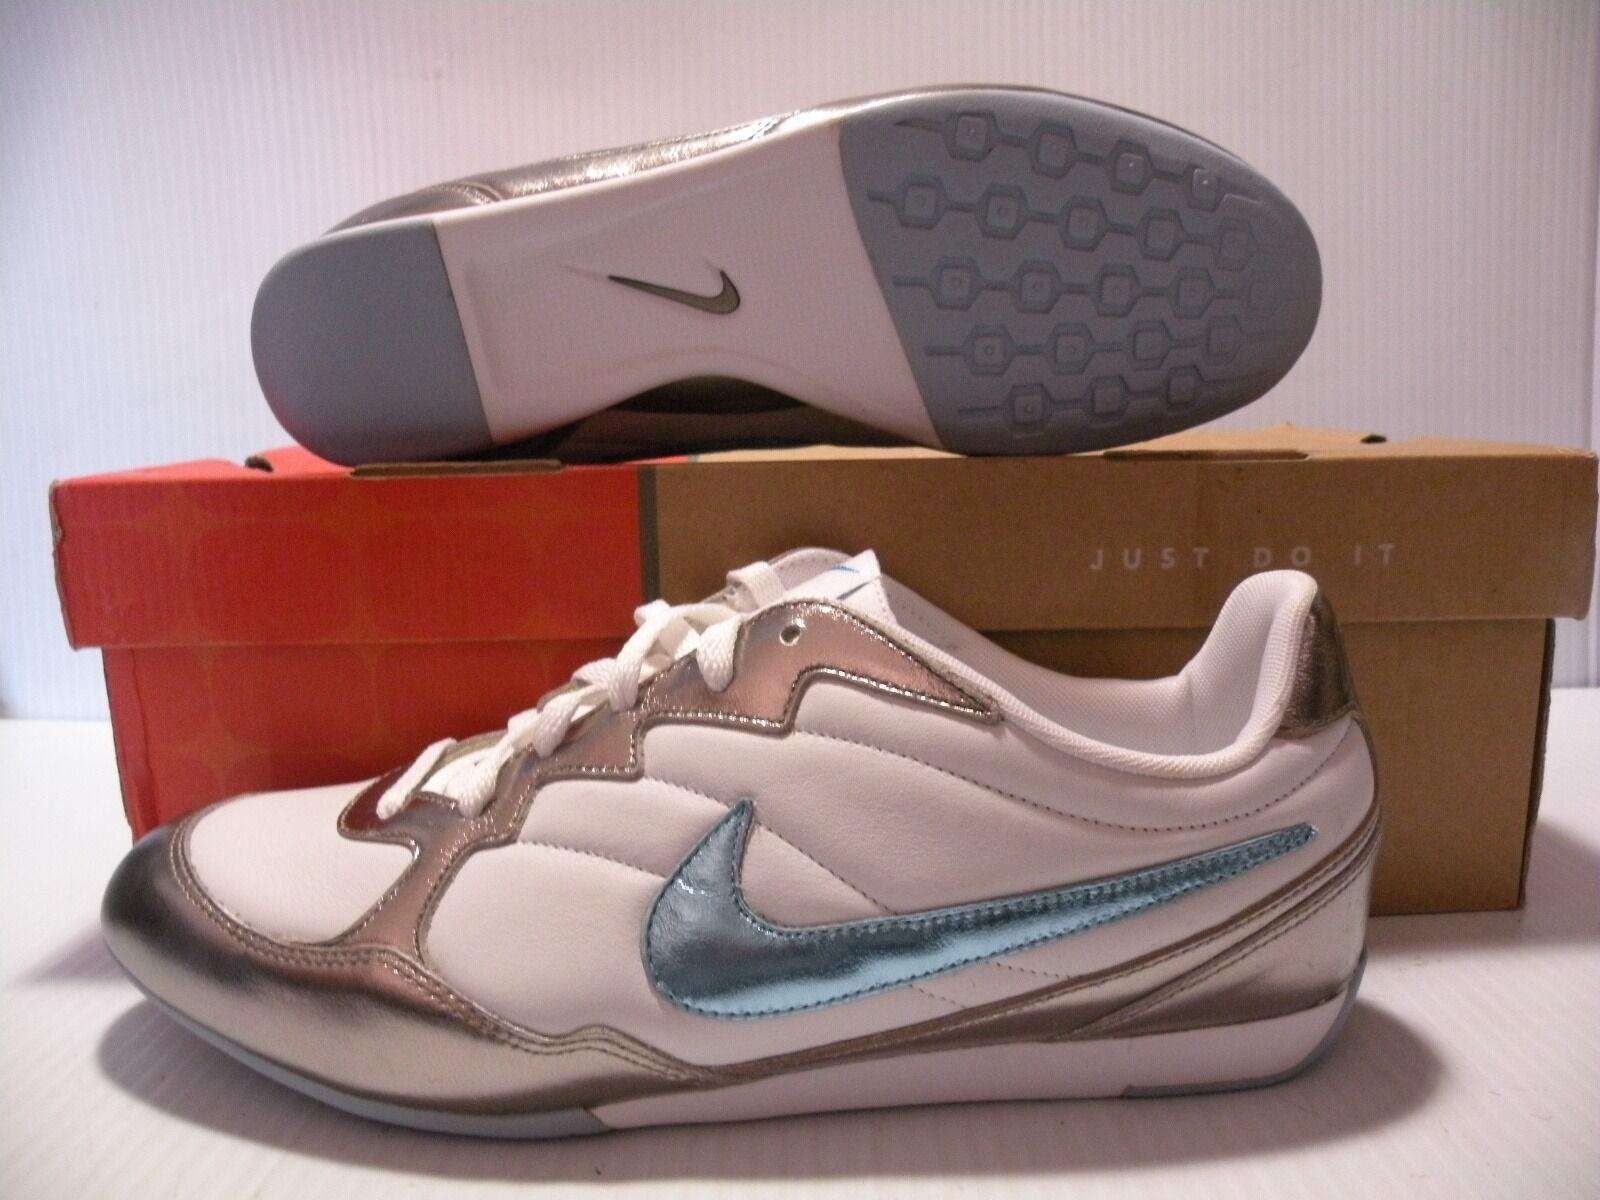 Nike Sprint Sorella Ii Mtr Basso   14226-141   Da Donna. 14226-141  9,5 Nuove Dimensioni 7e3184